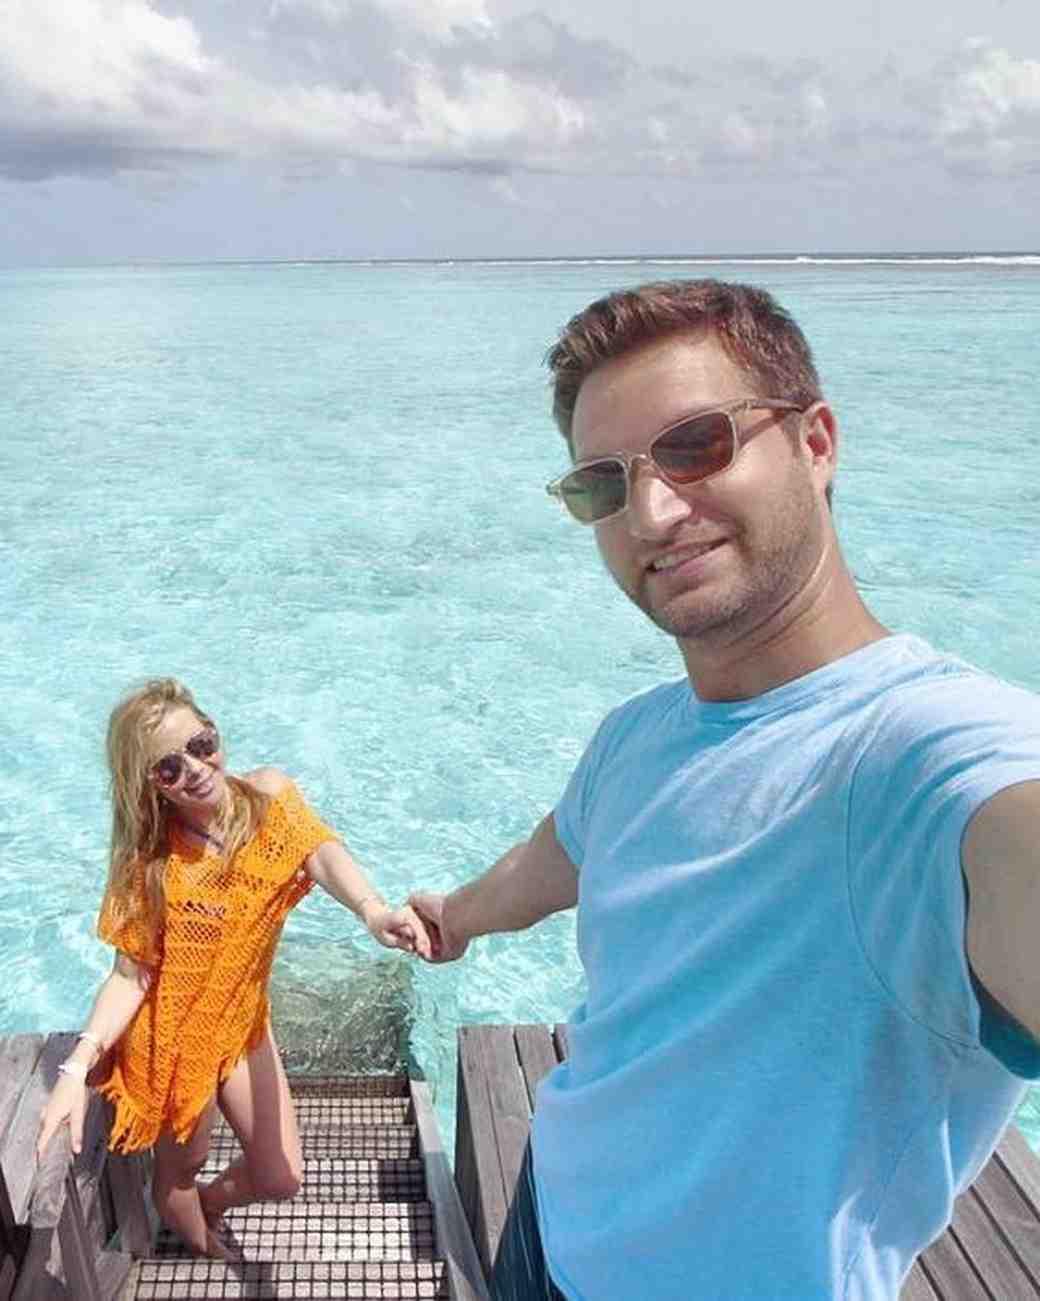 Tara Lipinski's honeymoon with Todd Kapostasy